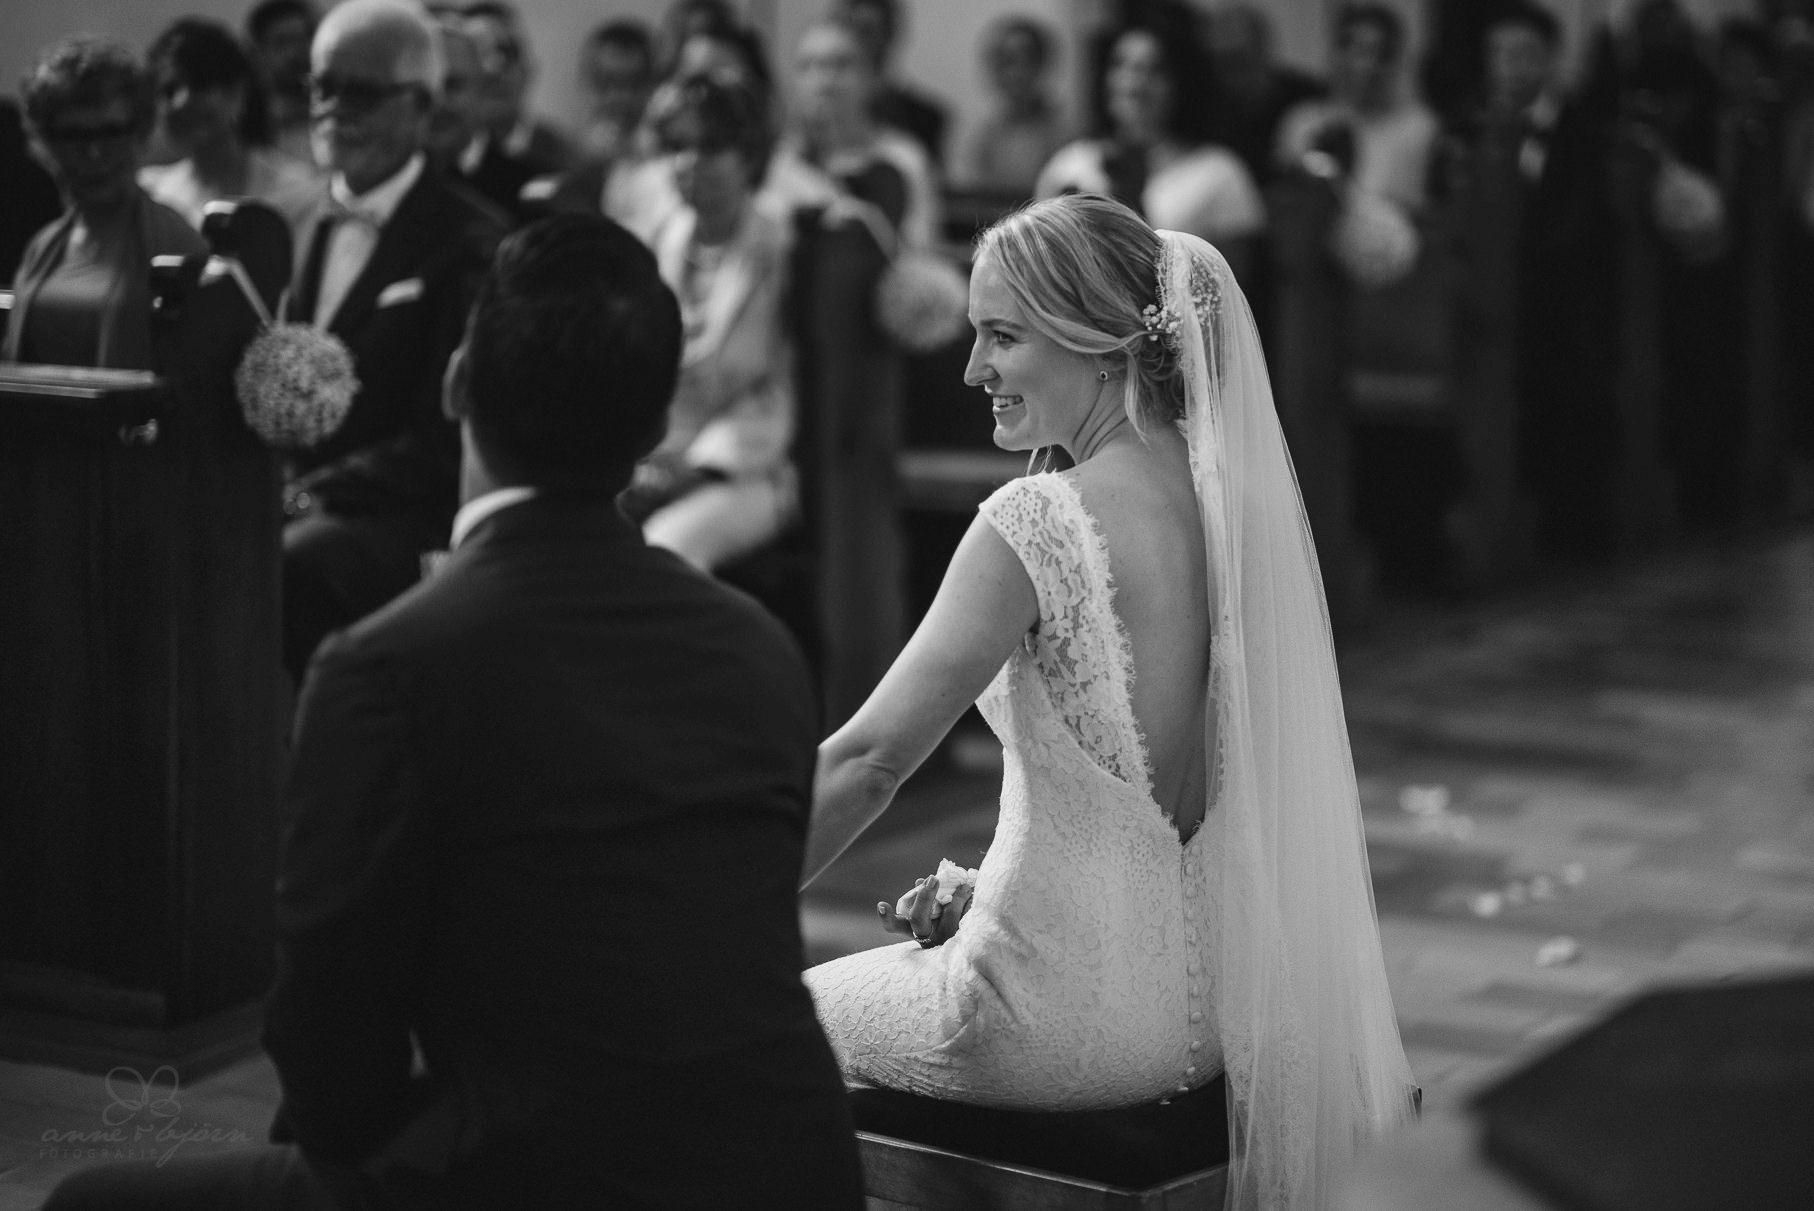 0046 anne und bjoern hochzeit schweiz d75 0064 - DIY Hochzeit in der Schweiz - Sabrina & Christoph